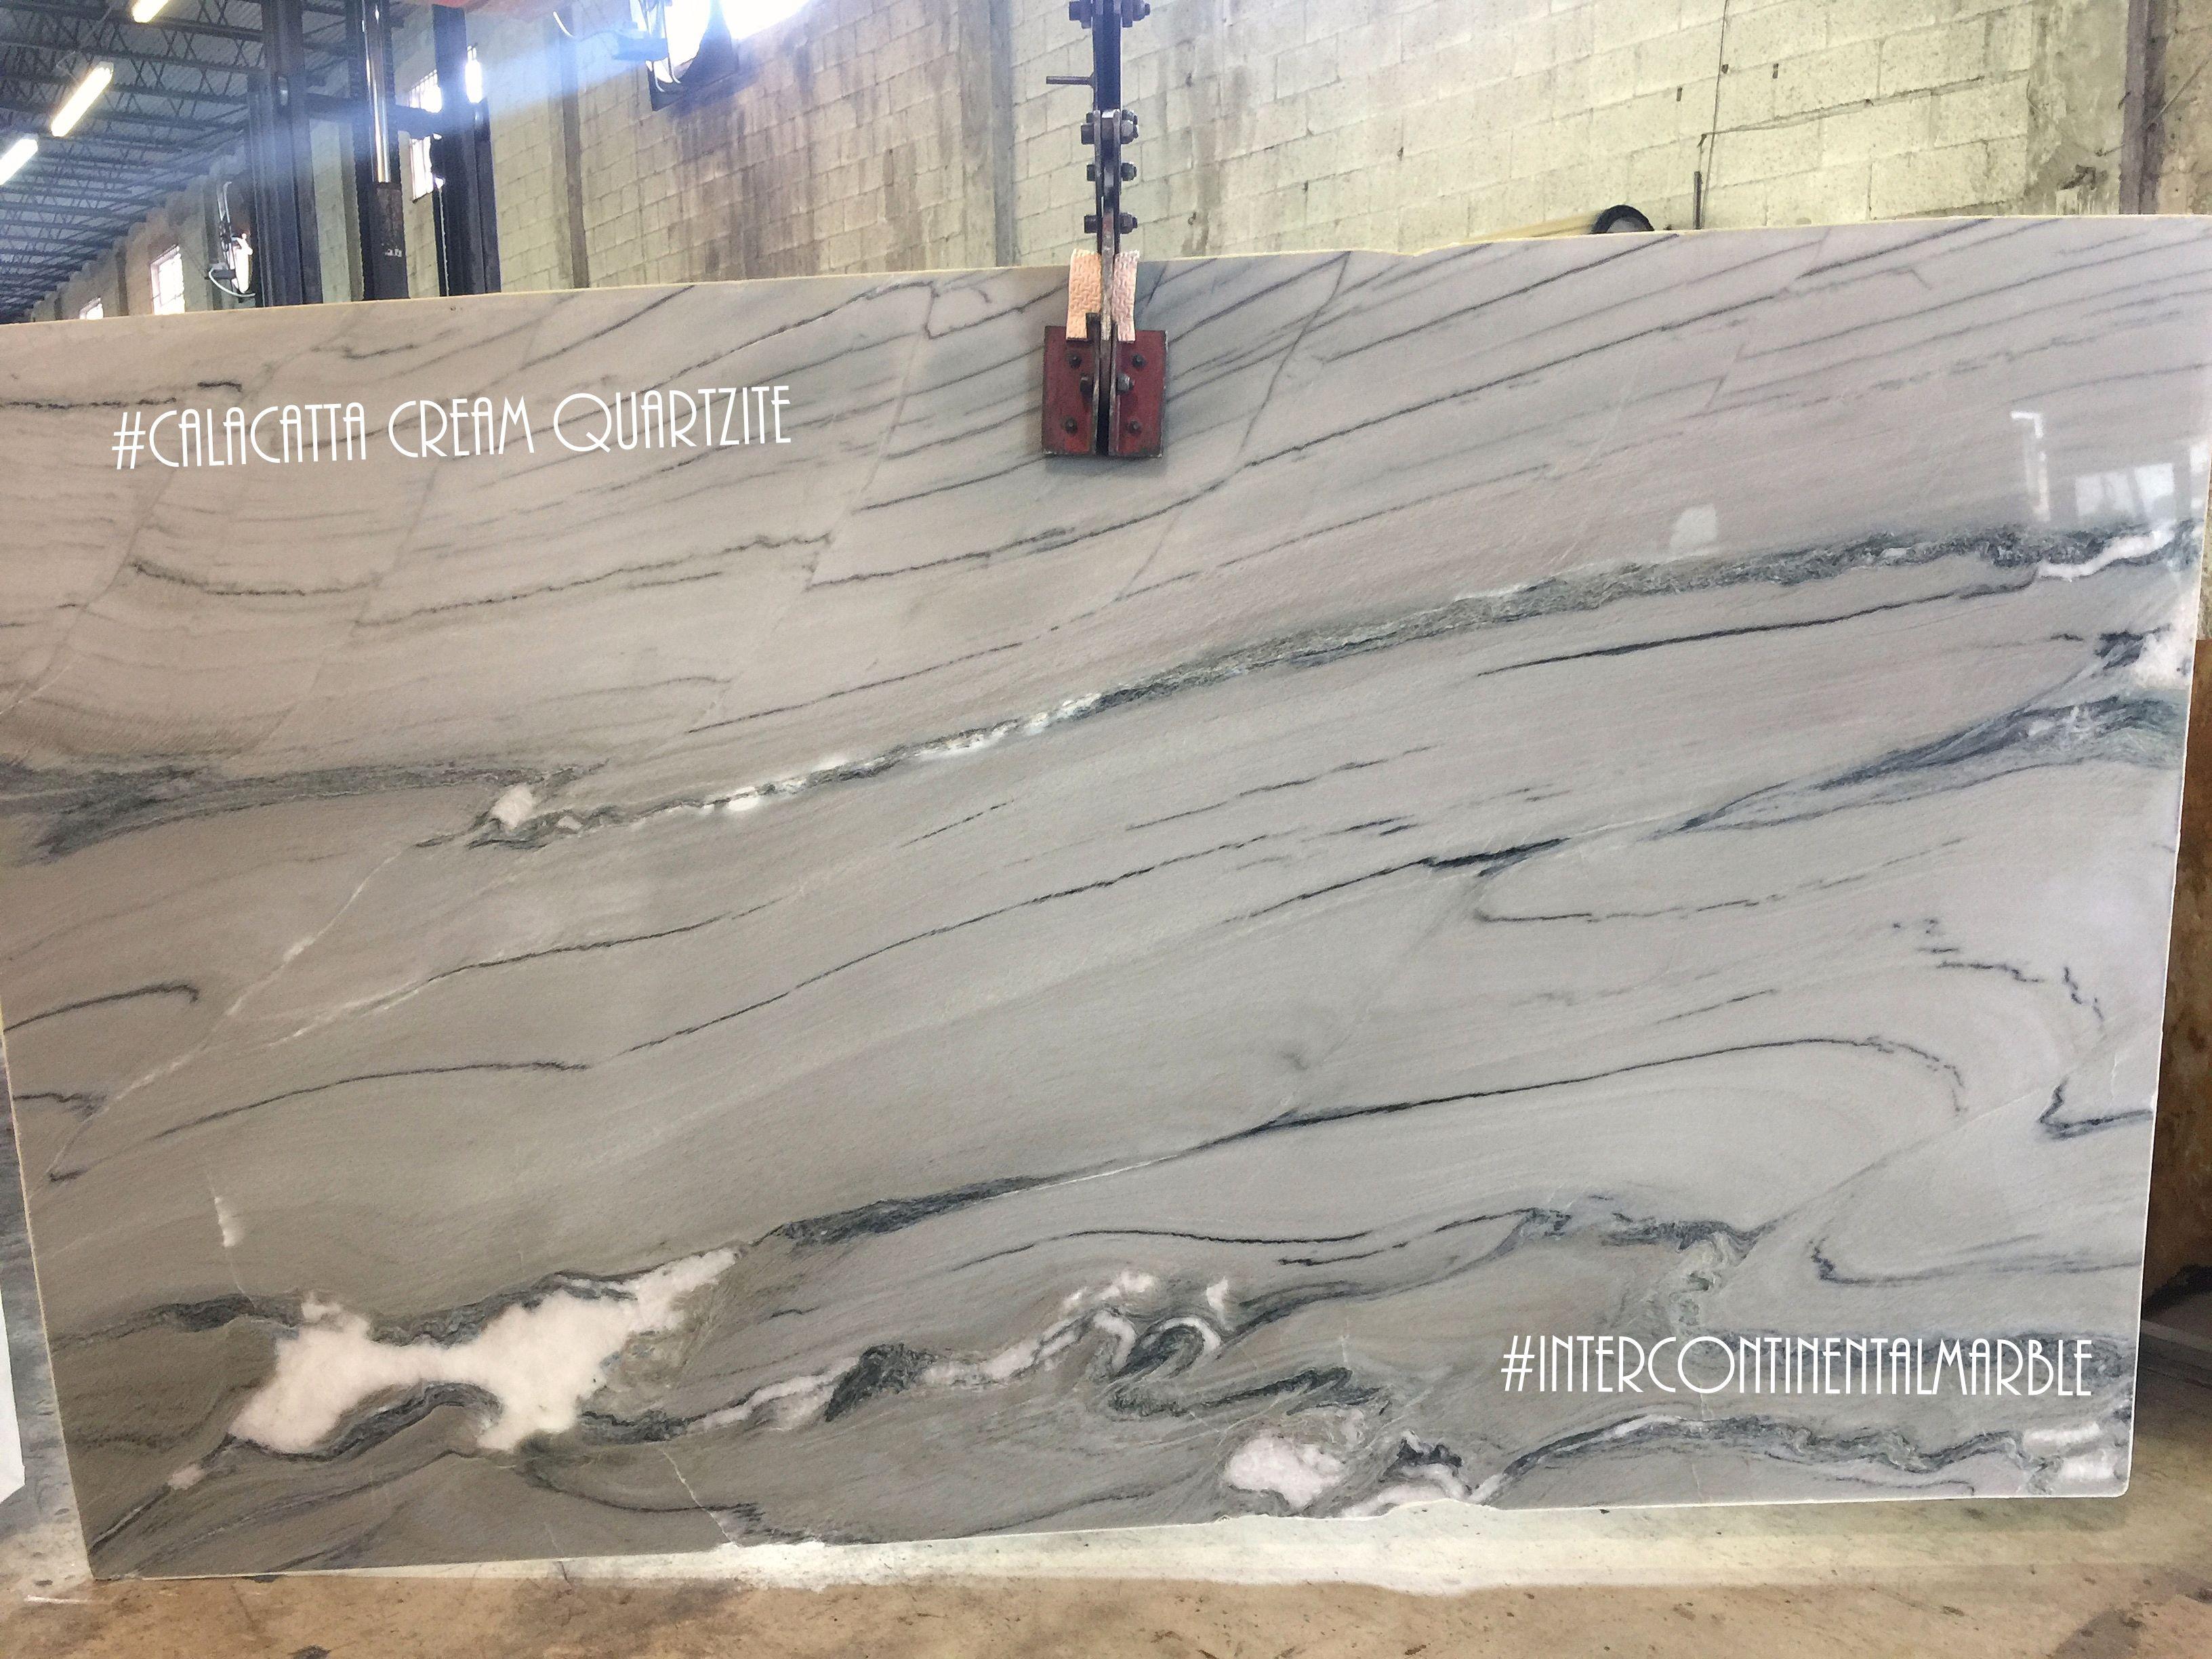 JUST ARRIVED: Calacatta Cream Quartzite